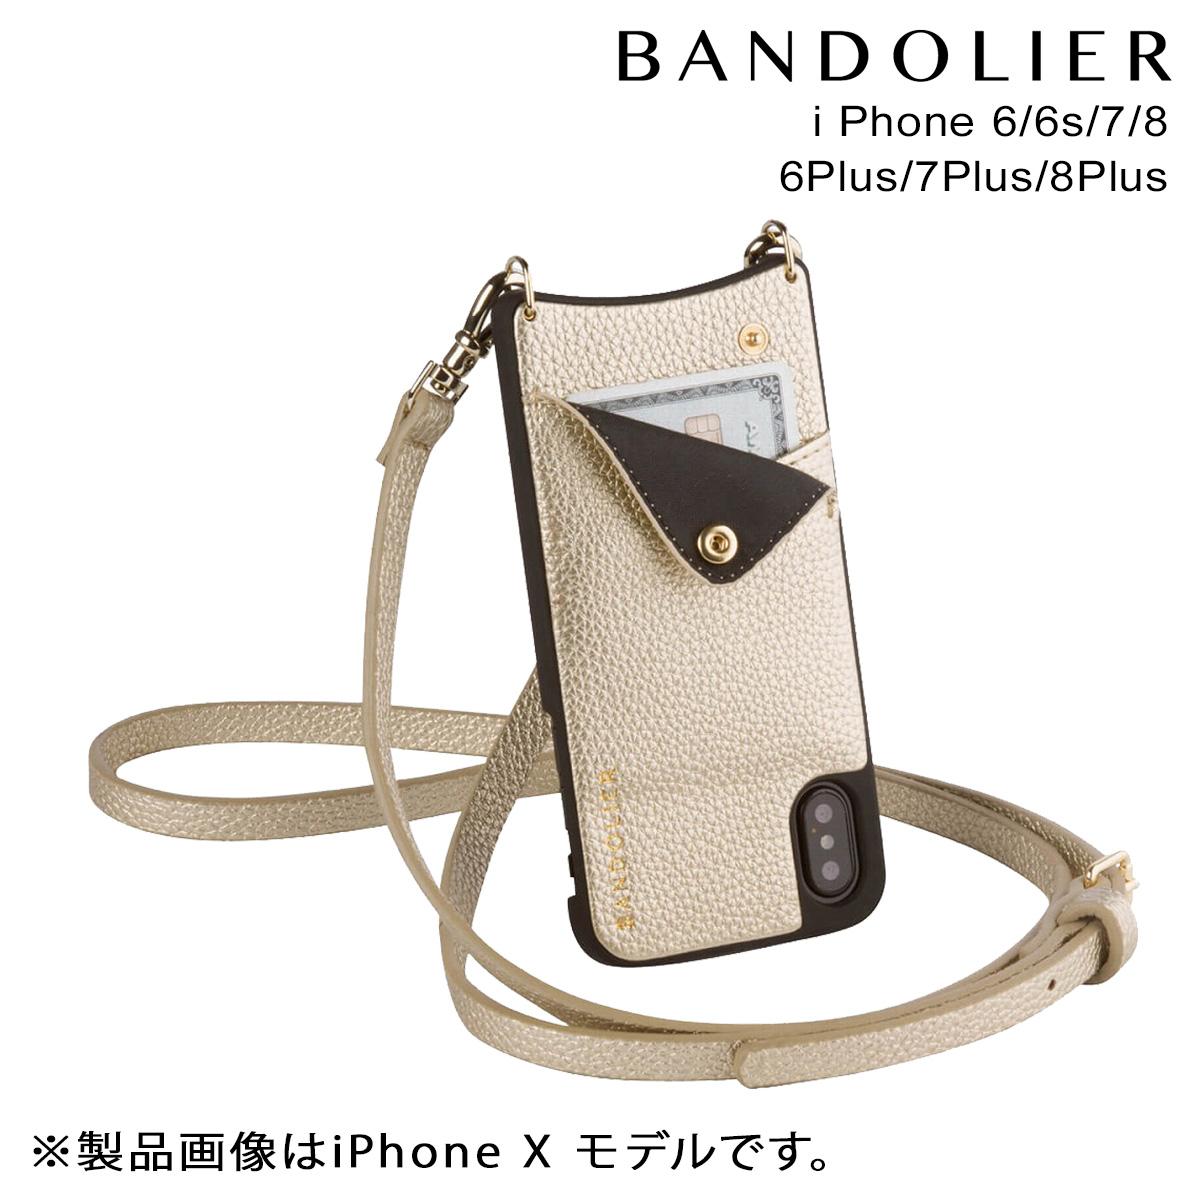 BANDOLIER EMMA RICH GOLD バンドリヤー iPhone8 iPhone7 7Plus 6s ケース スマホ アイフォン プラス メンズ レディース [3/18 再入荷]